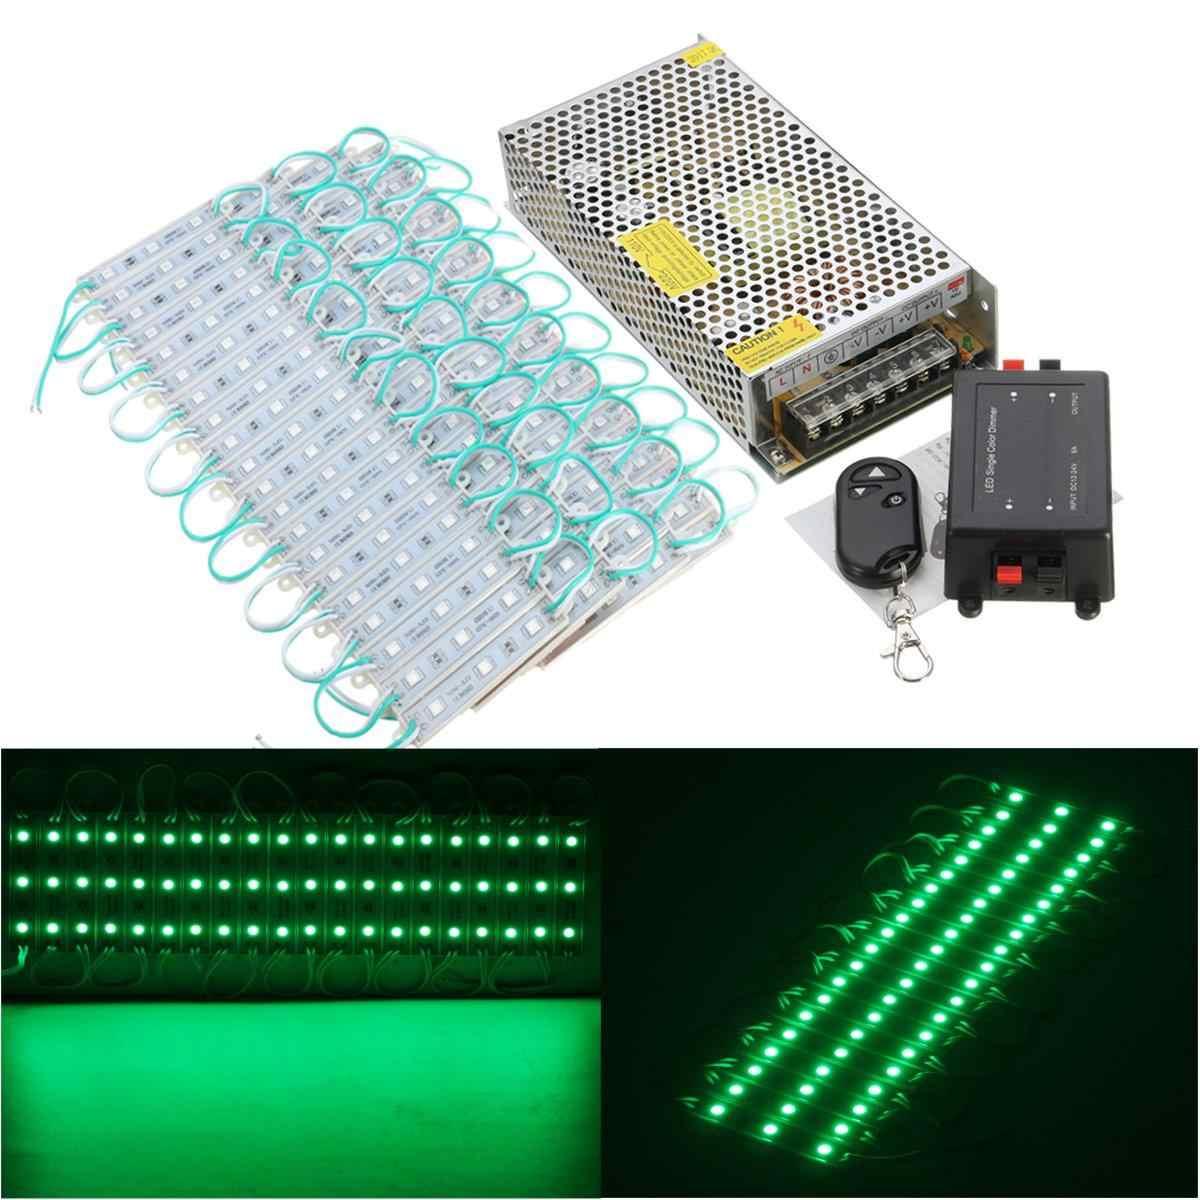 80 pièces 5 couleurs SMD5050 LED Module magasin bande lumière avant fenêtre lampe + alimentation + télécommande DC12V